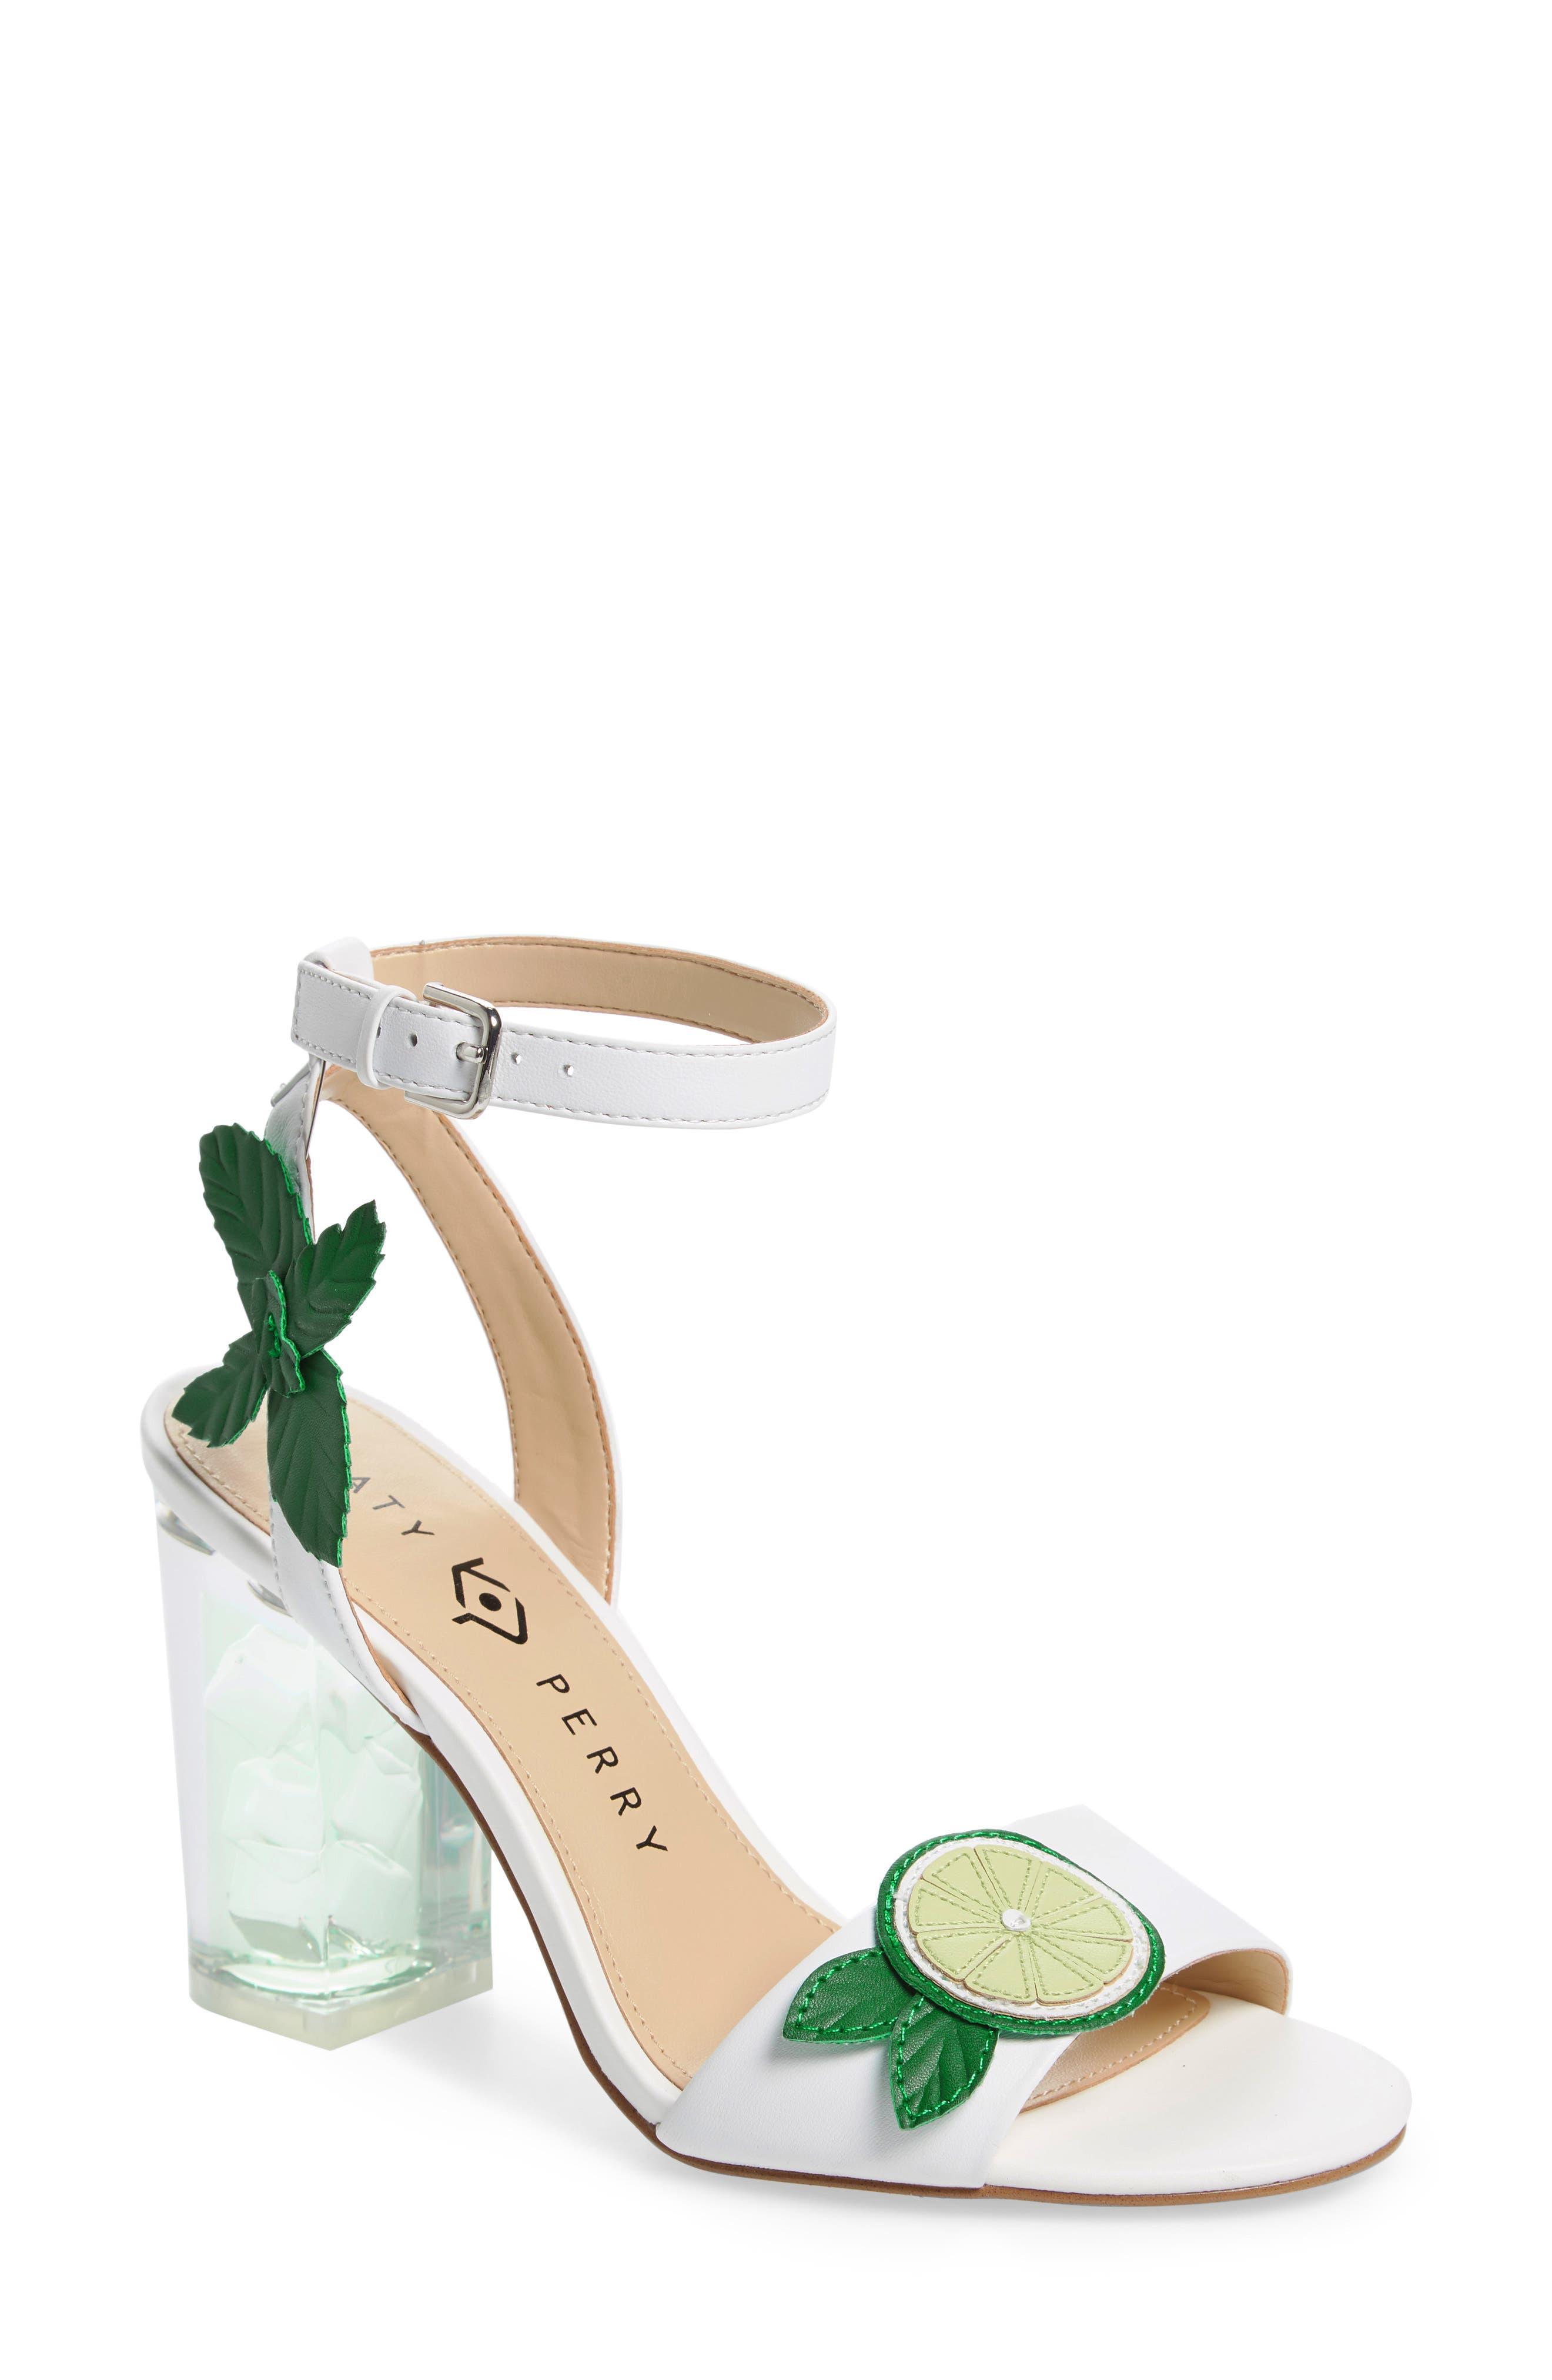 Rita Mohito Sandal,                             Main thumbnail 1, color,                             White/ Lime